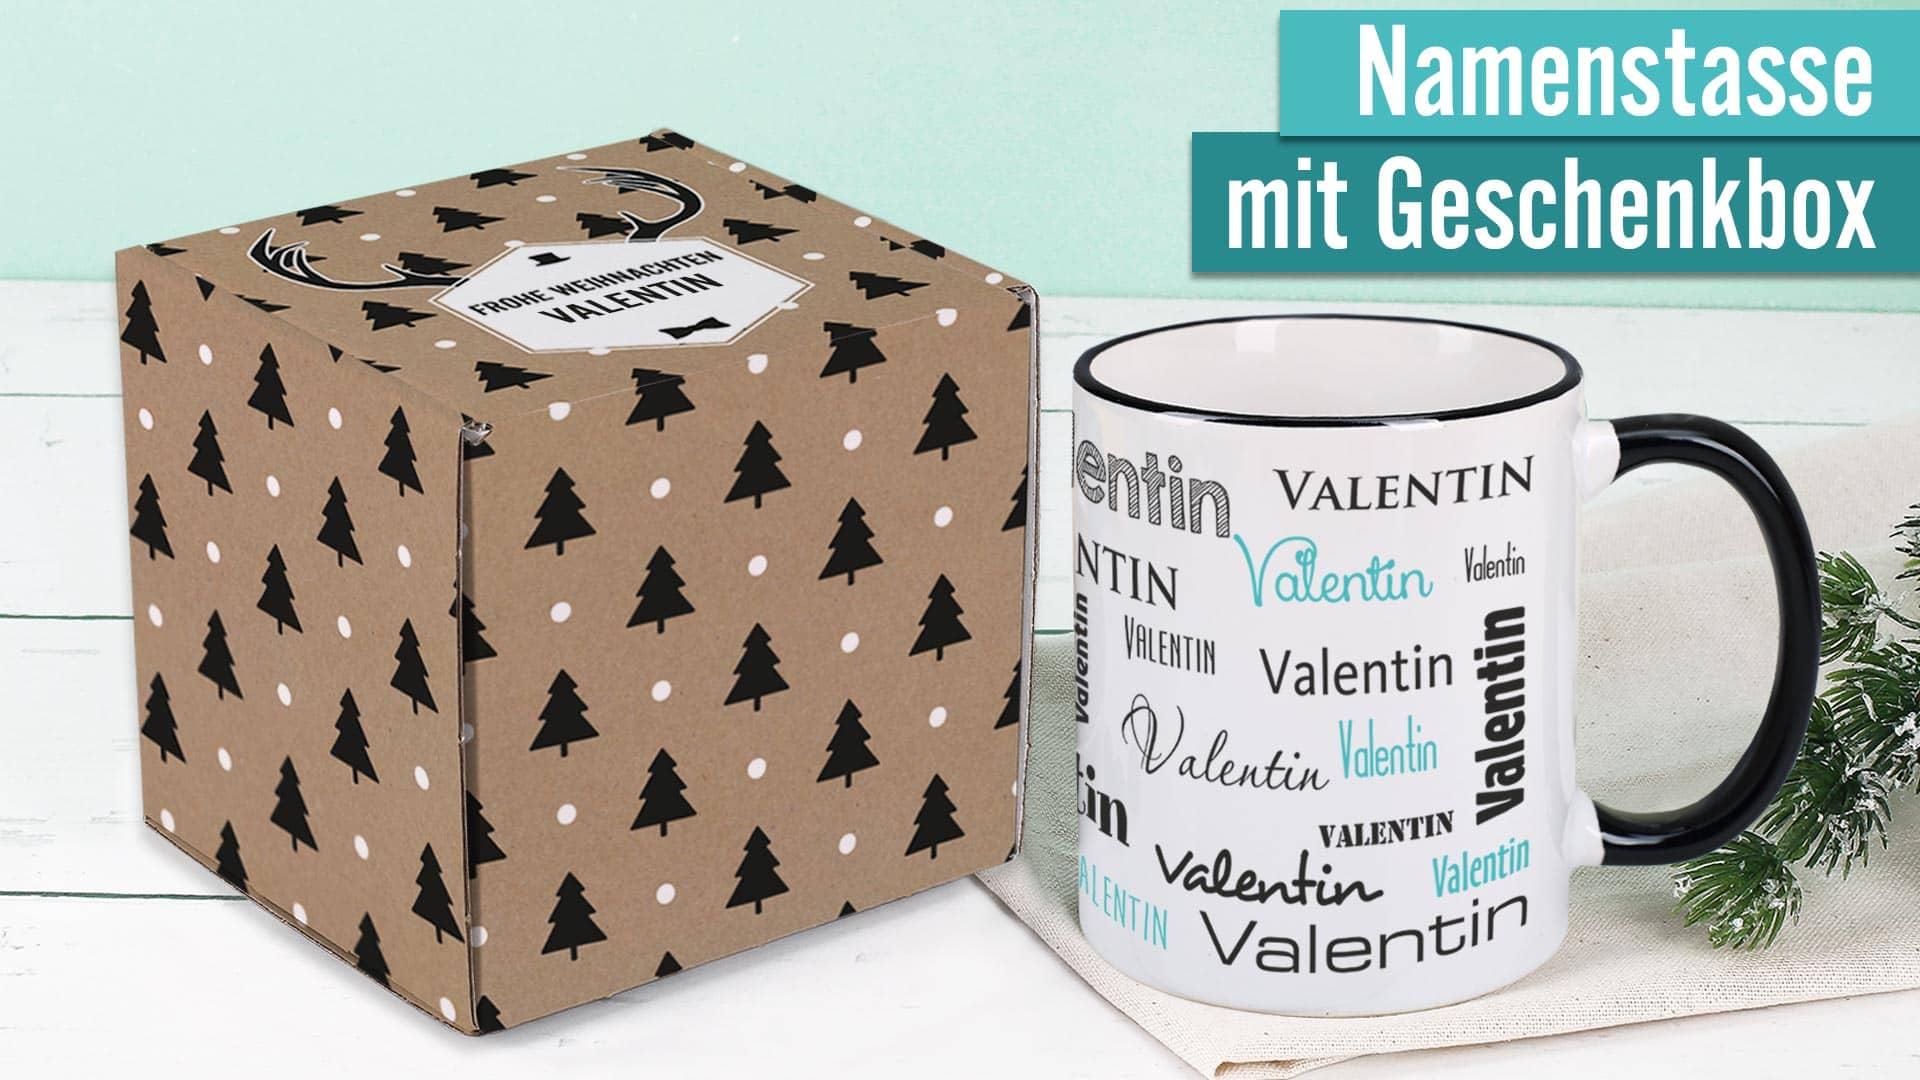 Namenstasse mit weihnachtlicher Geschenkverpackung